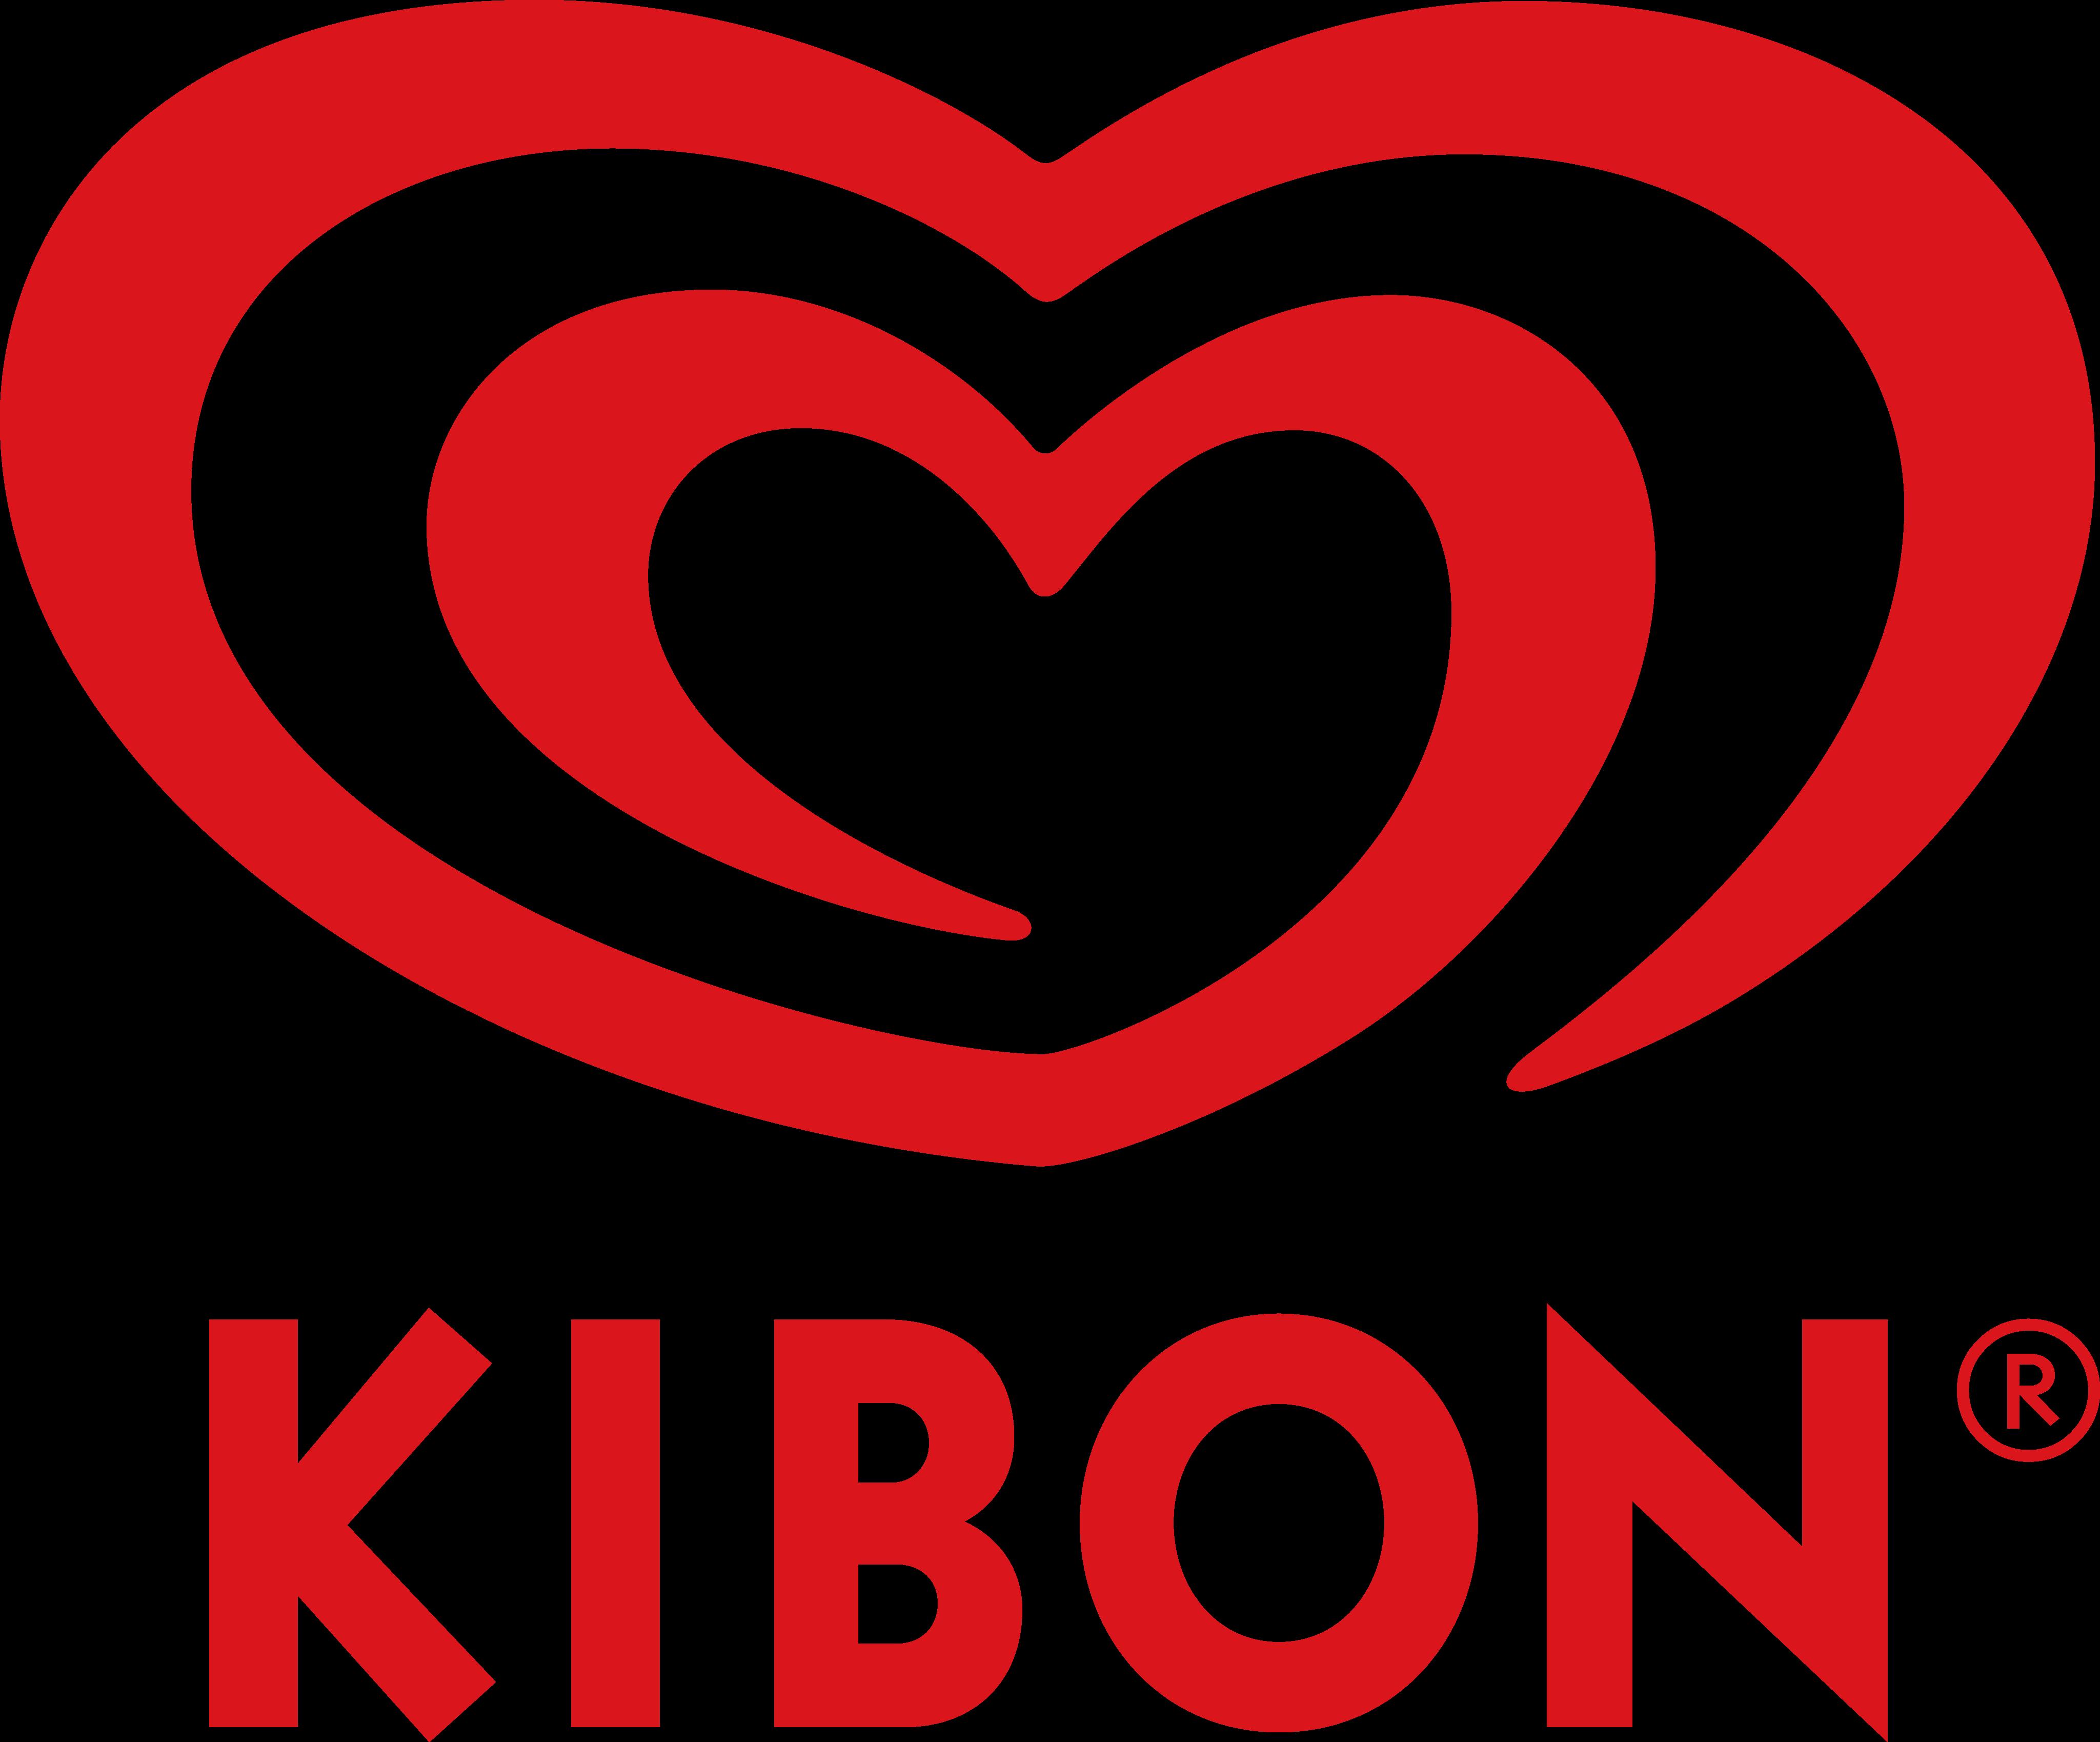 kibon logo 6 - Kibon Logo